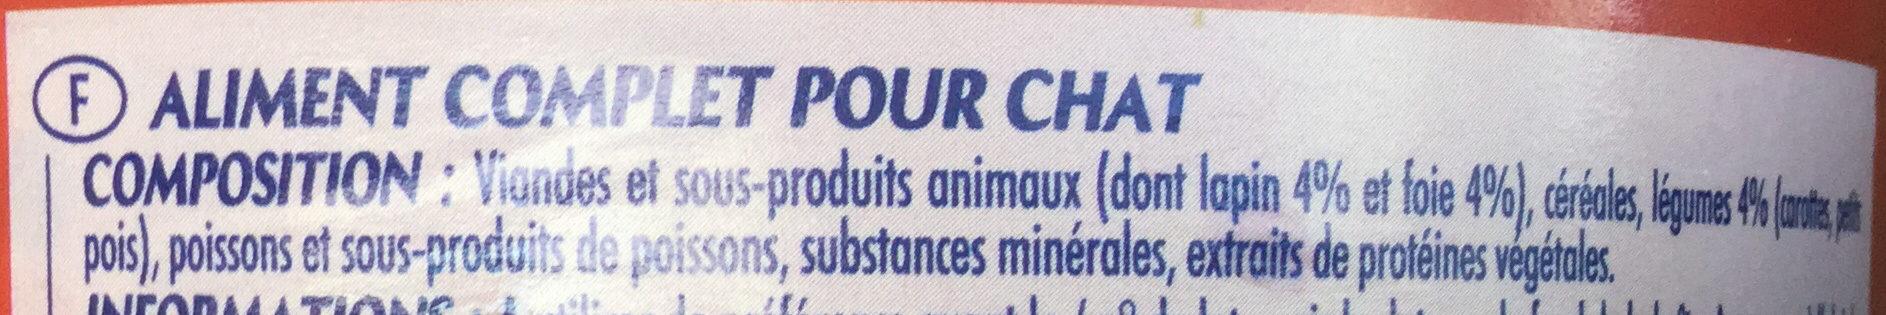 Mijoté en sauce au lapin, au foie et aux légumes - Ingredients - fr